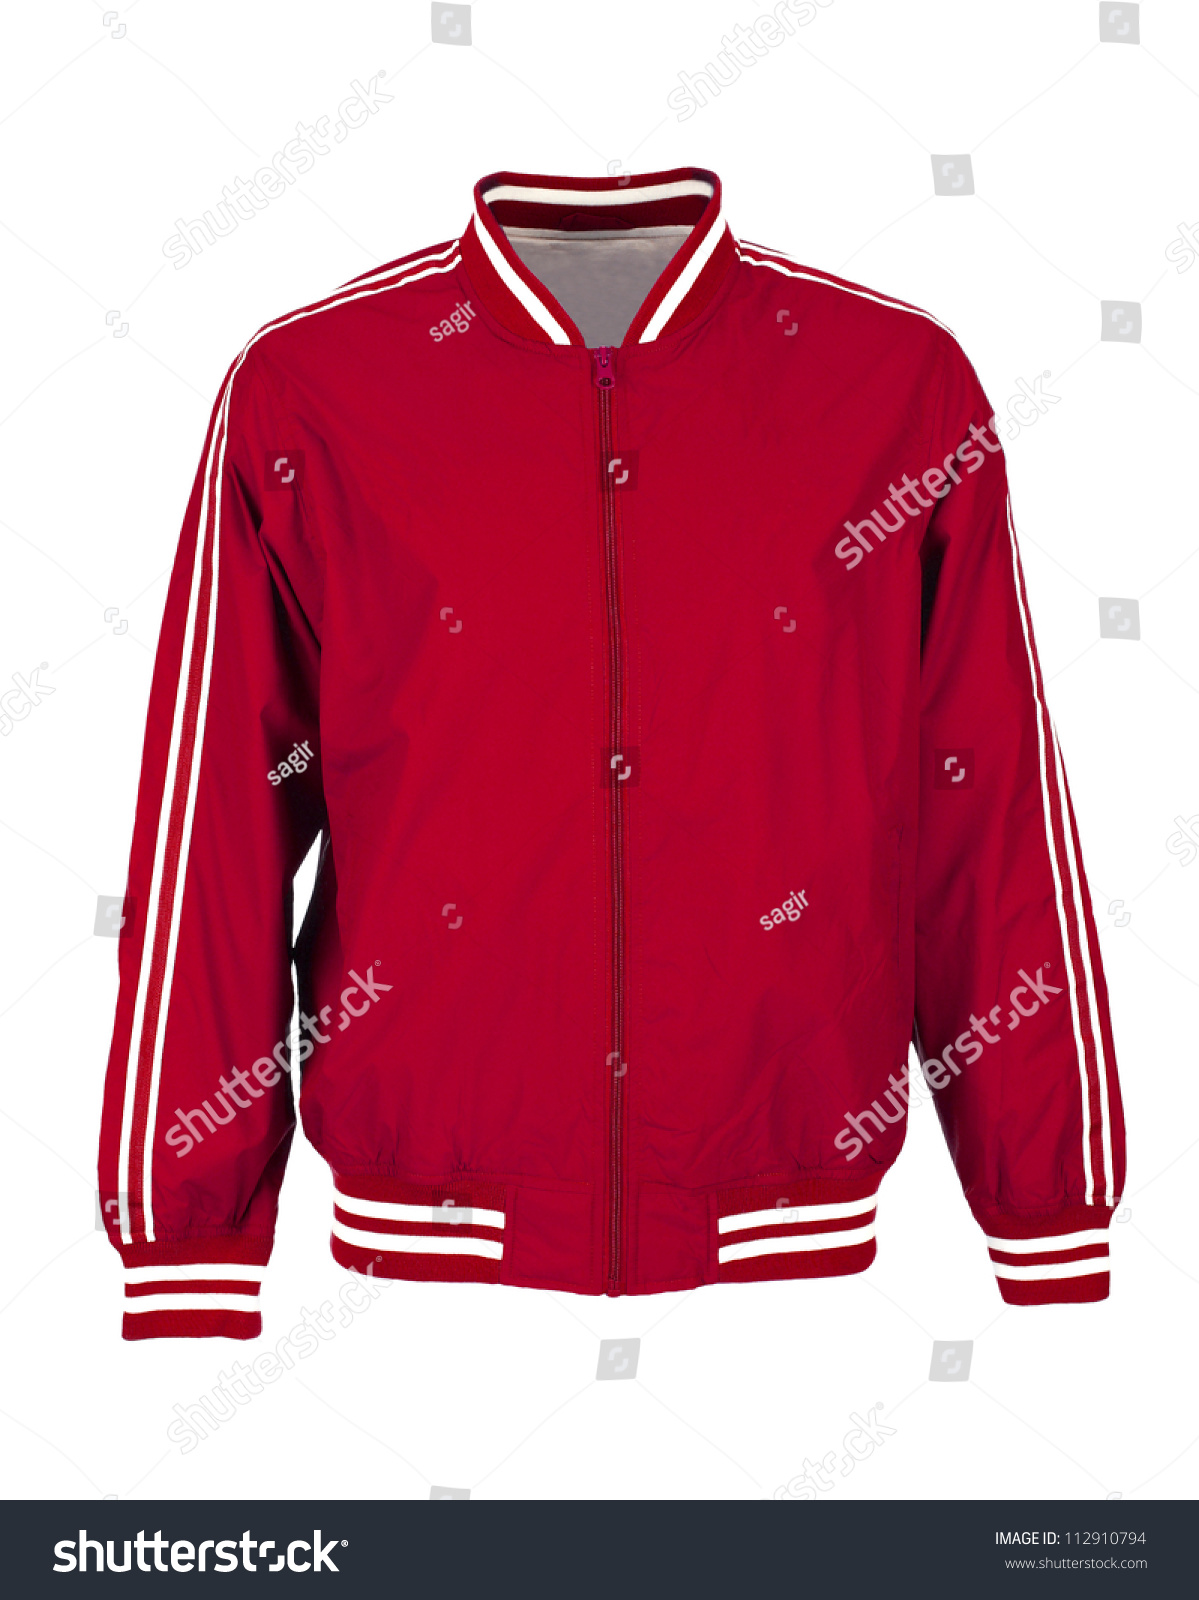 Red Sports Jacket z0ZZMs